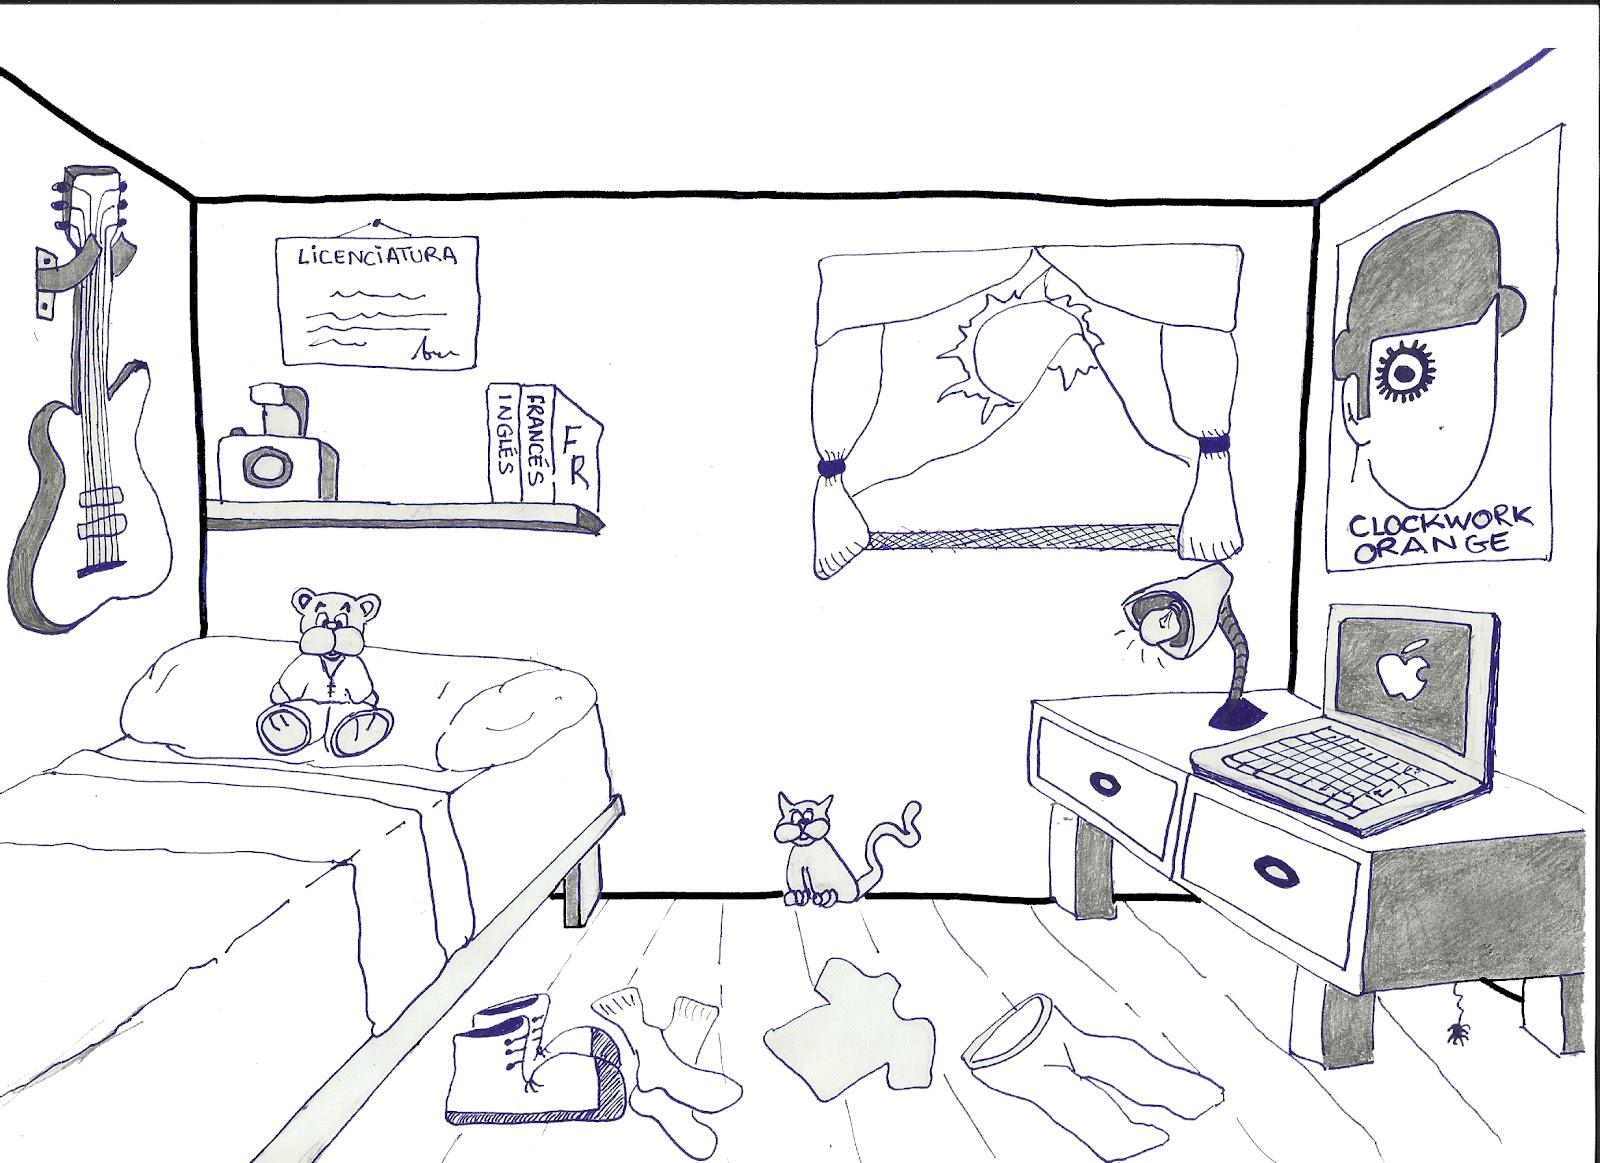 Dibujo de un dormitorio imagui - Dibujo habitacion infantil ...